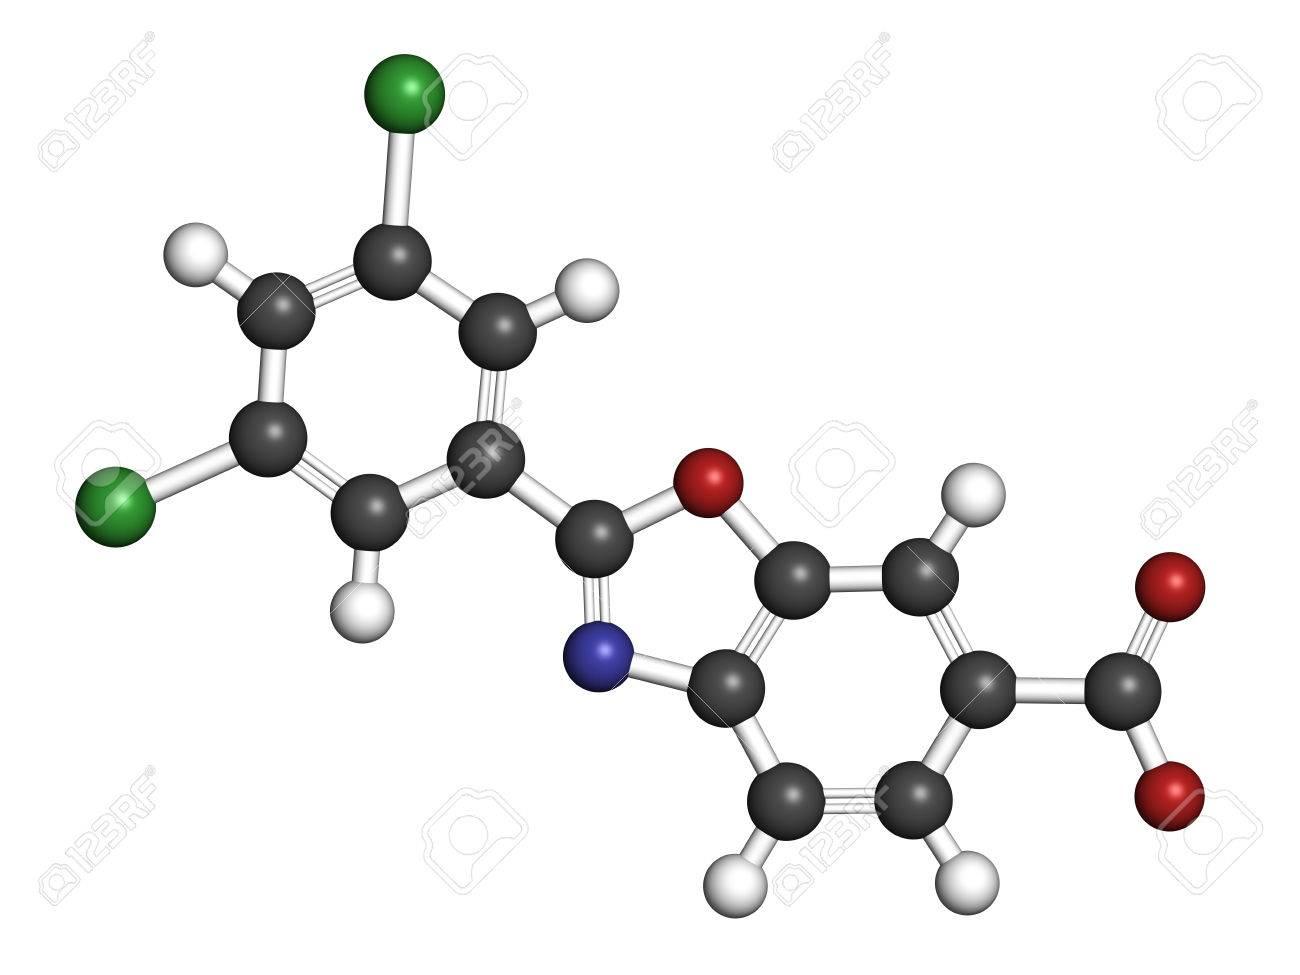 Molécule de médicament à base de polyneuropathie amyloïde familiale (FAP)  de Tafamidis. Rendu 3D. Les atomes sont représentés par des sphères avec un  ...